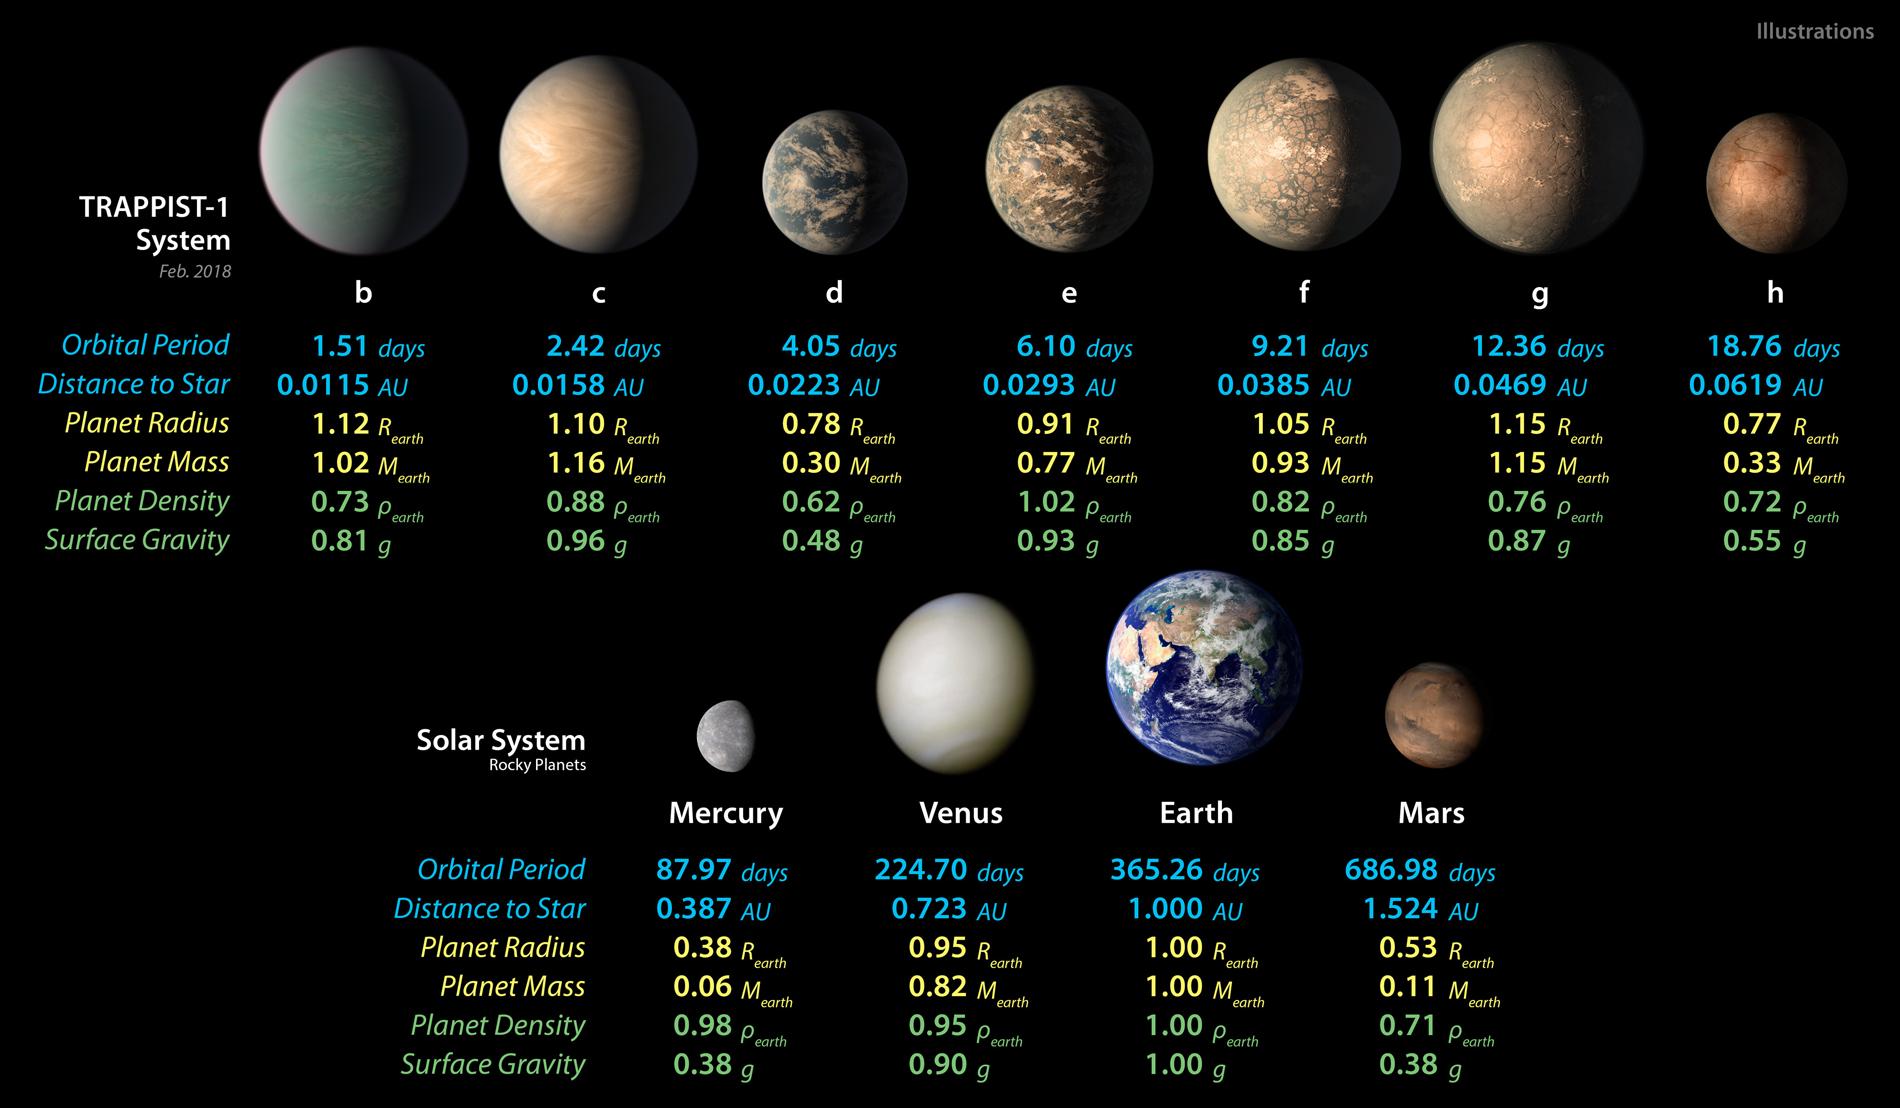 Les planètes du système TRAPPIST-1